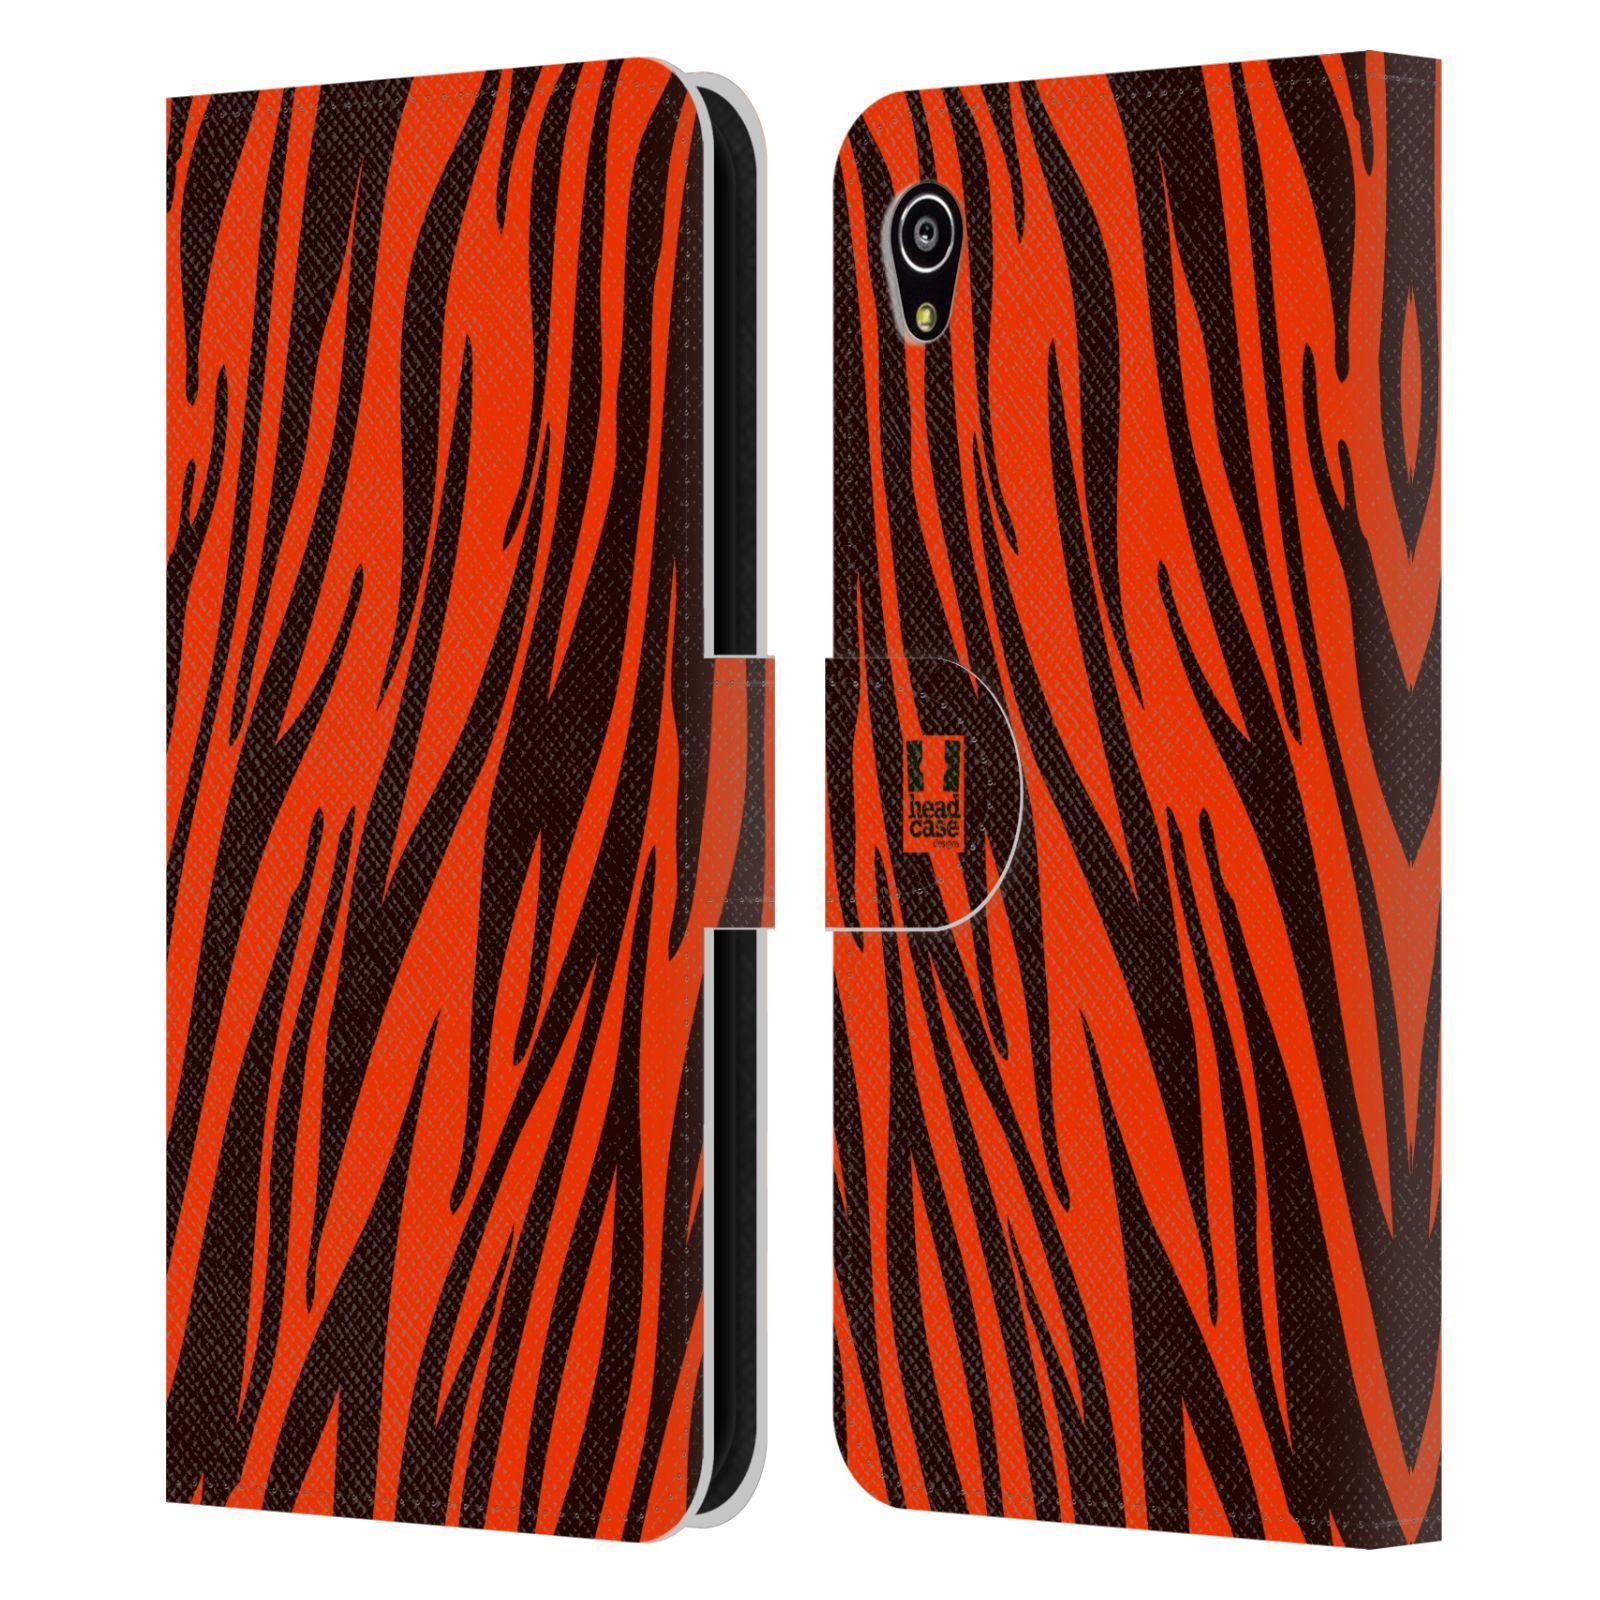 HEAD CASE Flipové pouzdro pro mobil SONY XPERIA M4 AQUA Zvířecí barevné vzory oranžový tygr